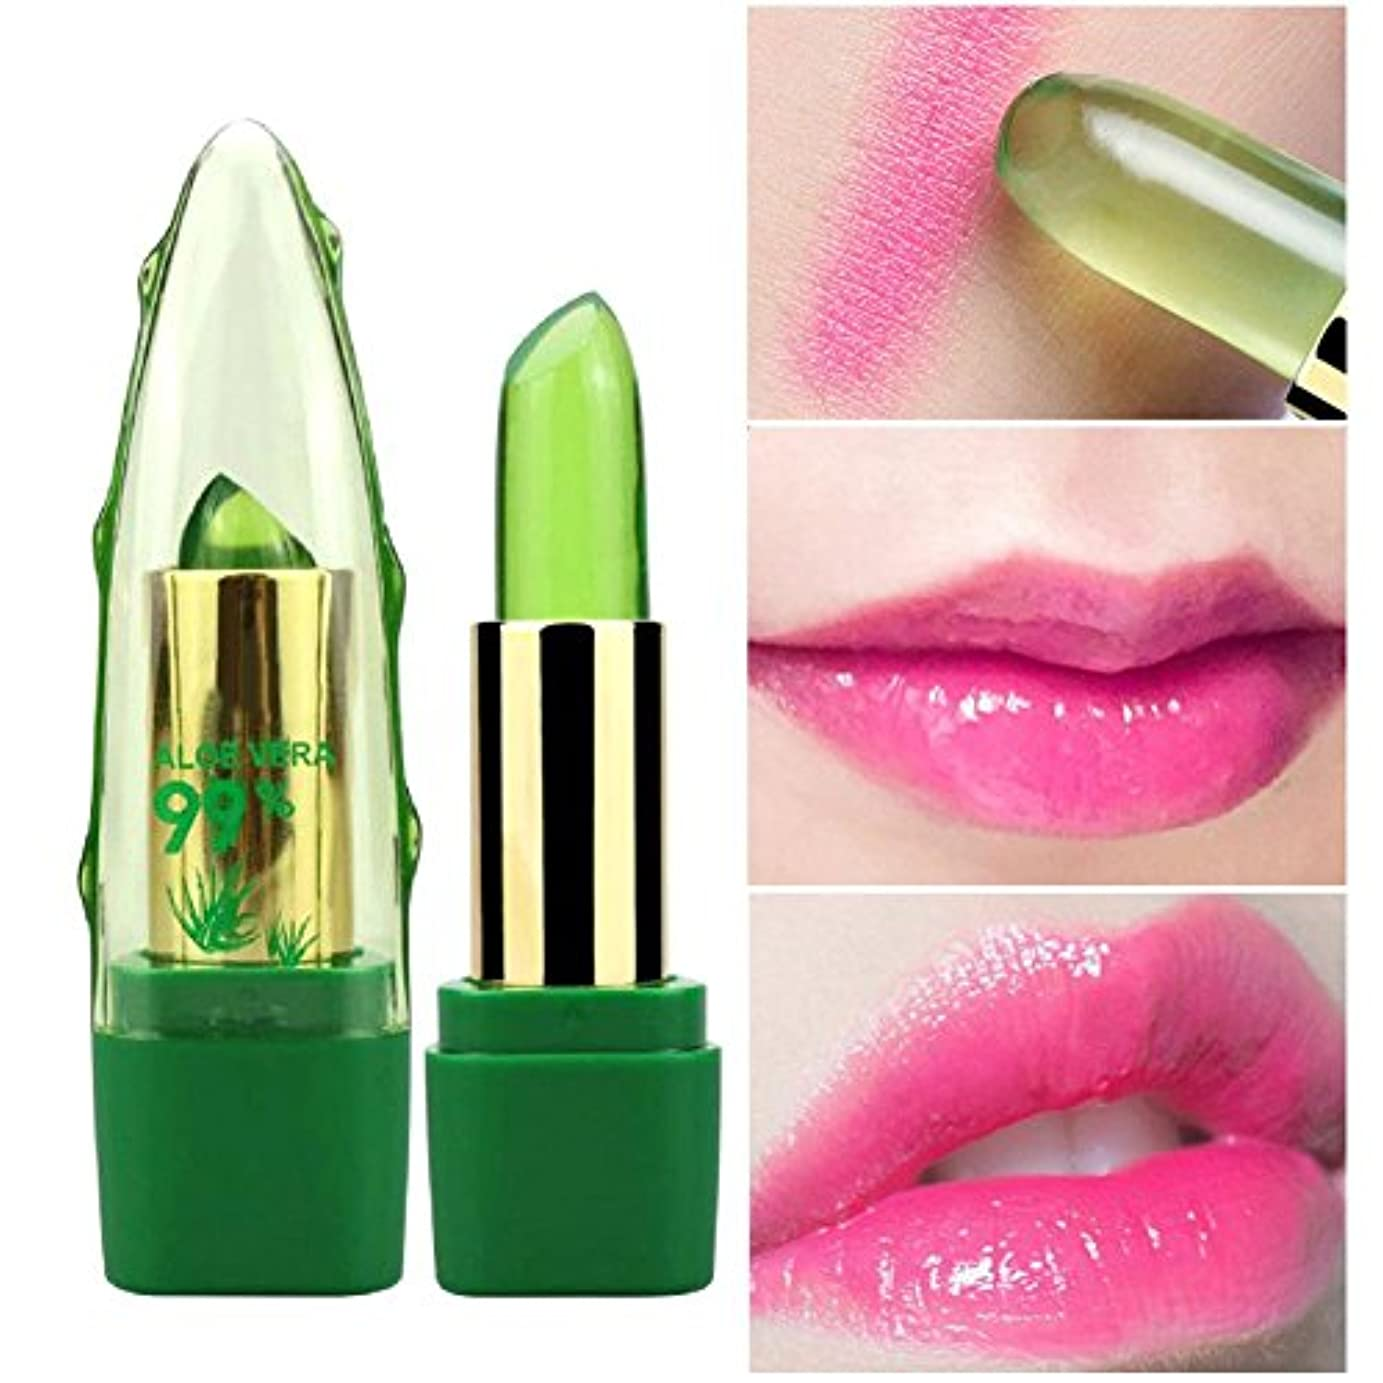 ゲージピクニックをするリーンアロエベラゼリー リップクリーム 温度変化色 保湿 リップバーム 防水 長持ち 持ち運び リップスティック 天然植物 有機 健康 高輝度色で美しい唇を彩りルージュ